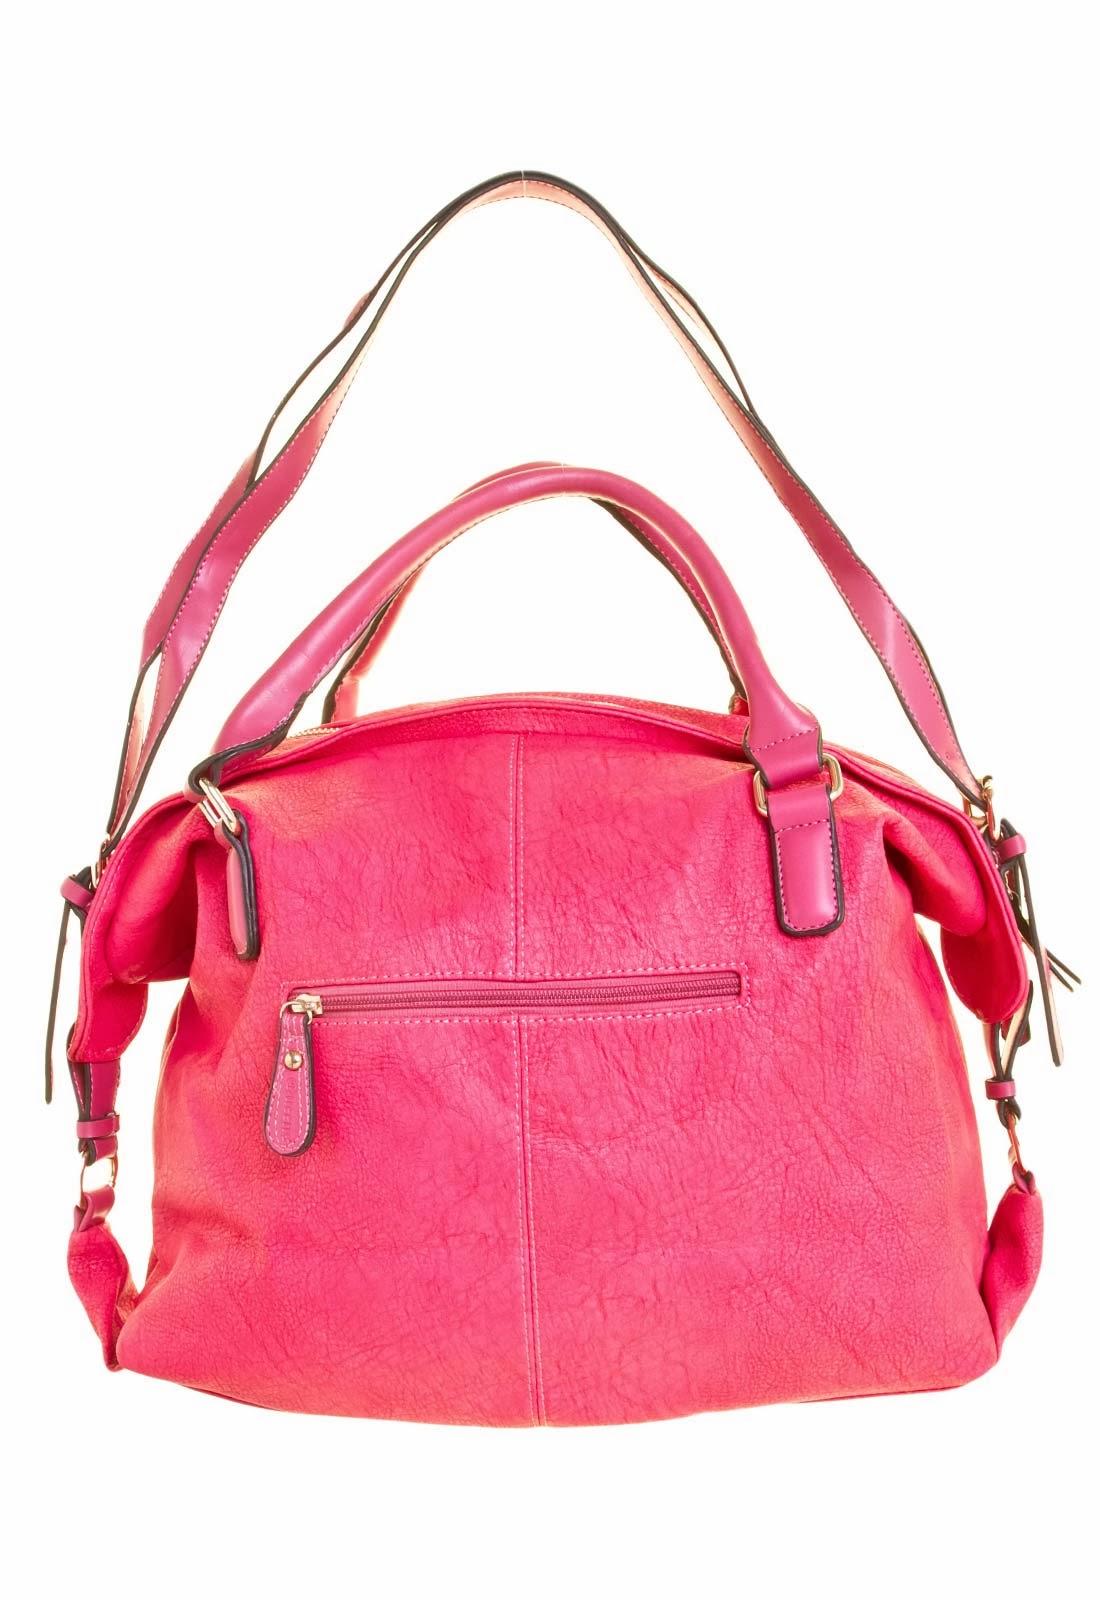 d40ee9471 Bolsa Queens Giorgia rosa, confeccionada em material sintético, com detalhe  de bolso frontal com recorte envernizado, com fechamento por botão de  encaixe.